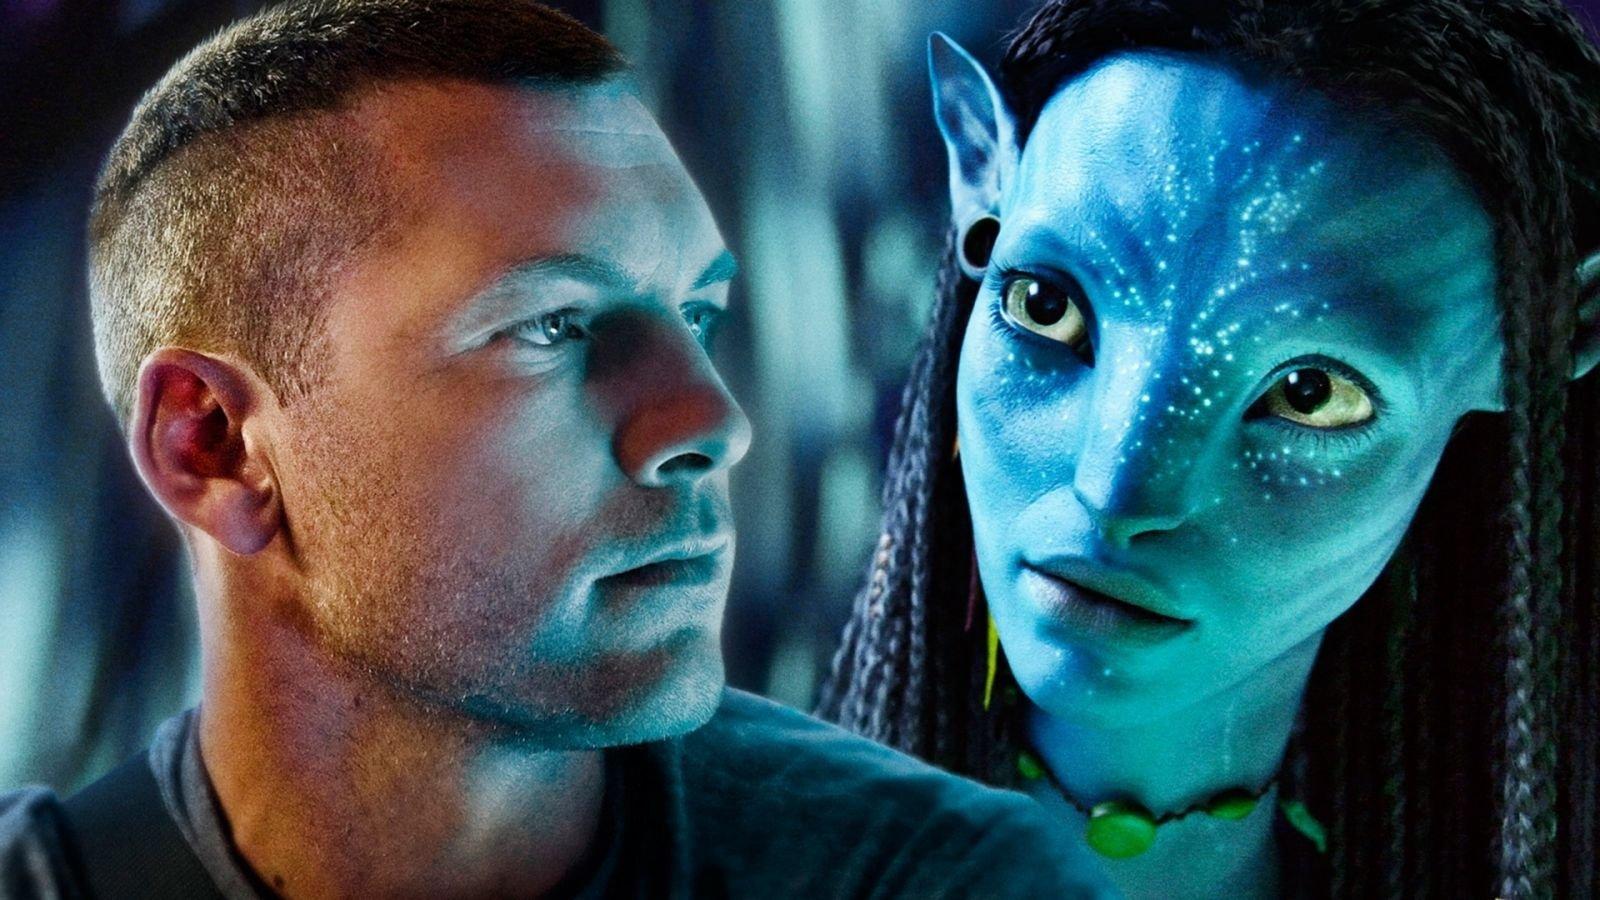 Названы официальные даты выхода четырех сиквелов фильма «Аватар»